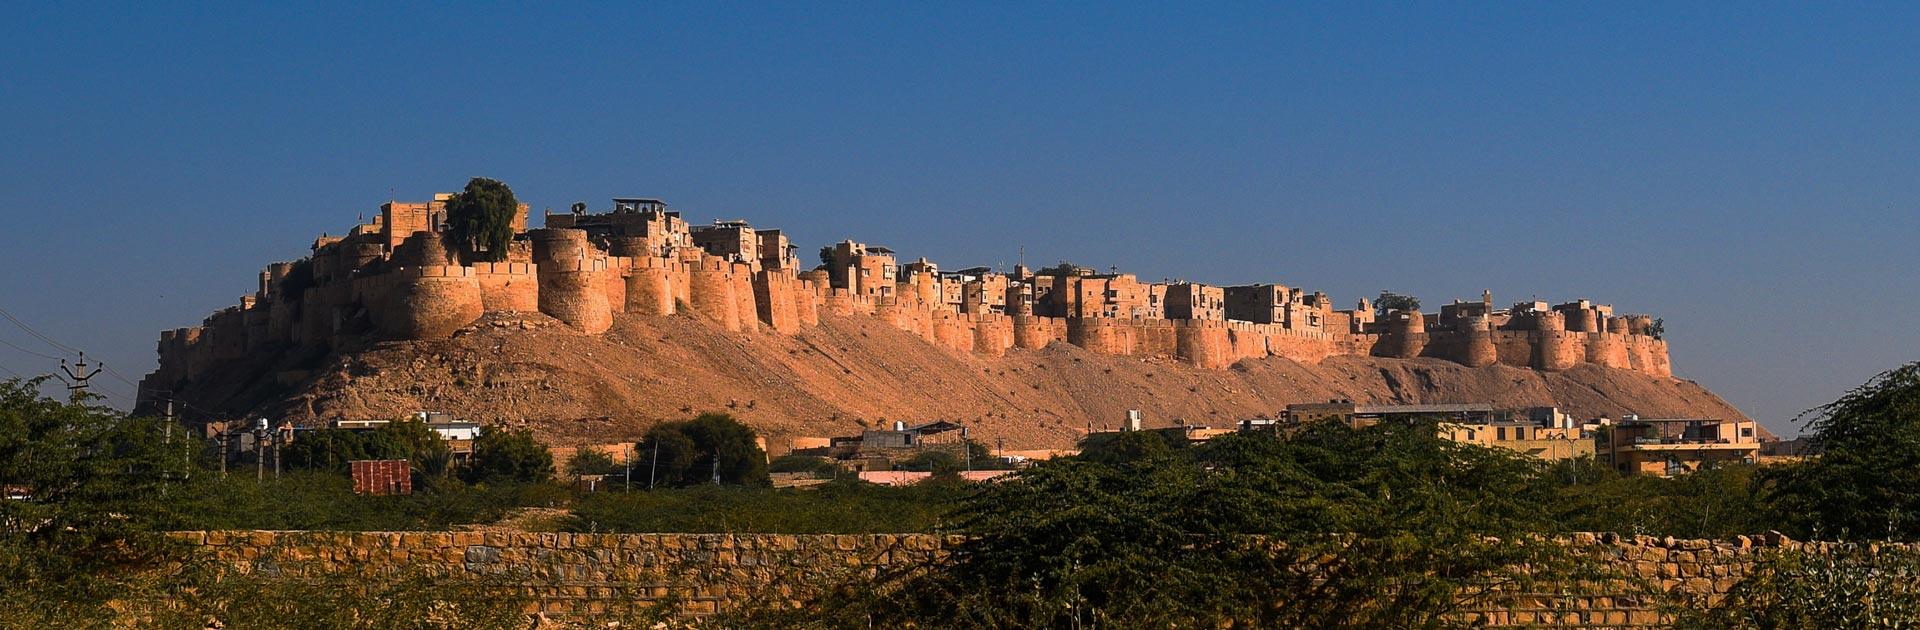 IN Encantos de Rajasthan 14 días 2